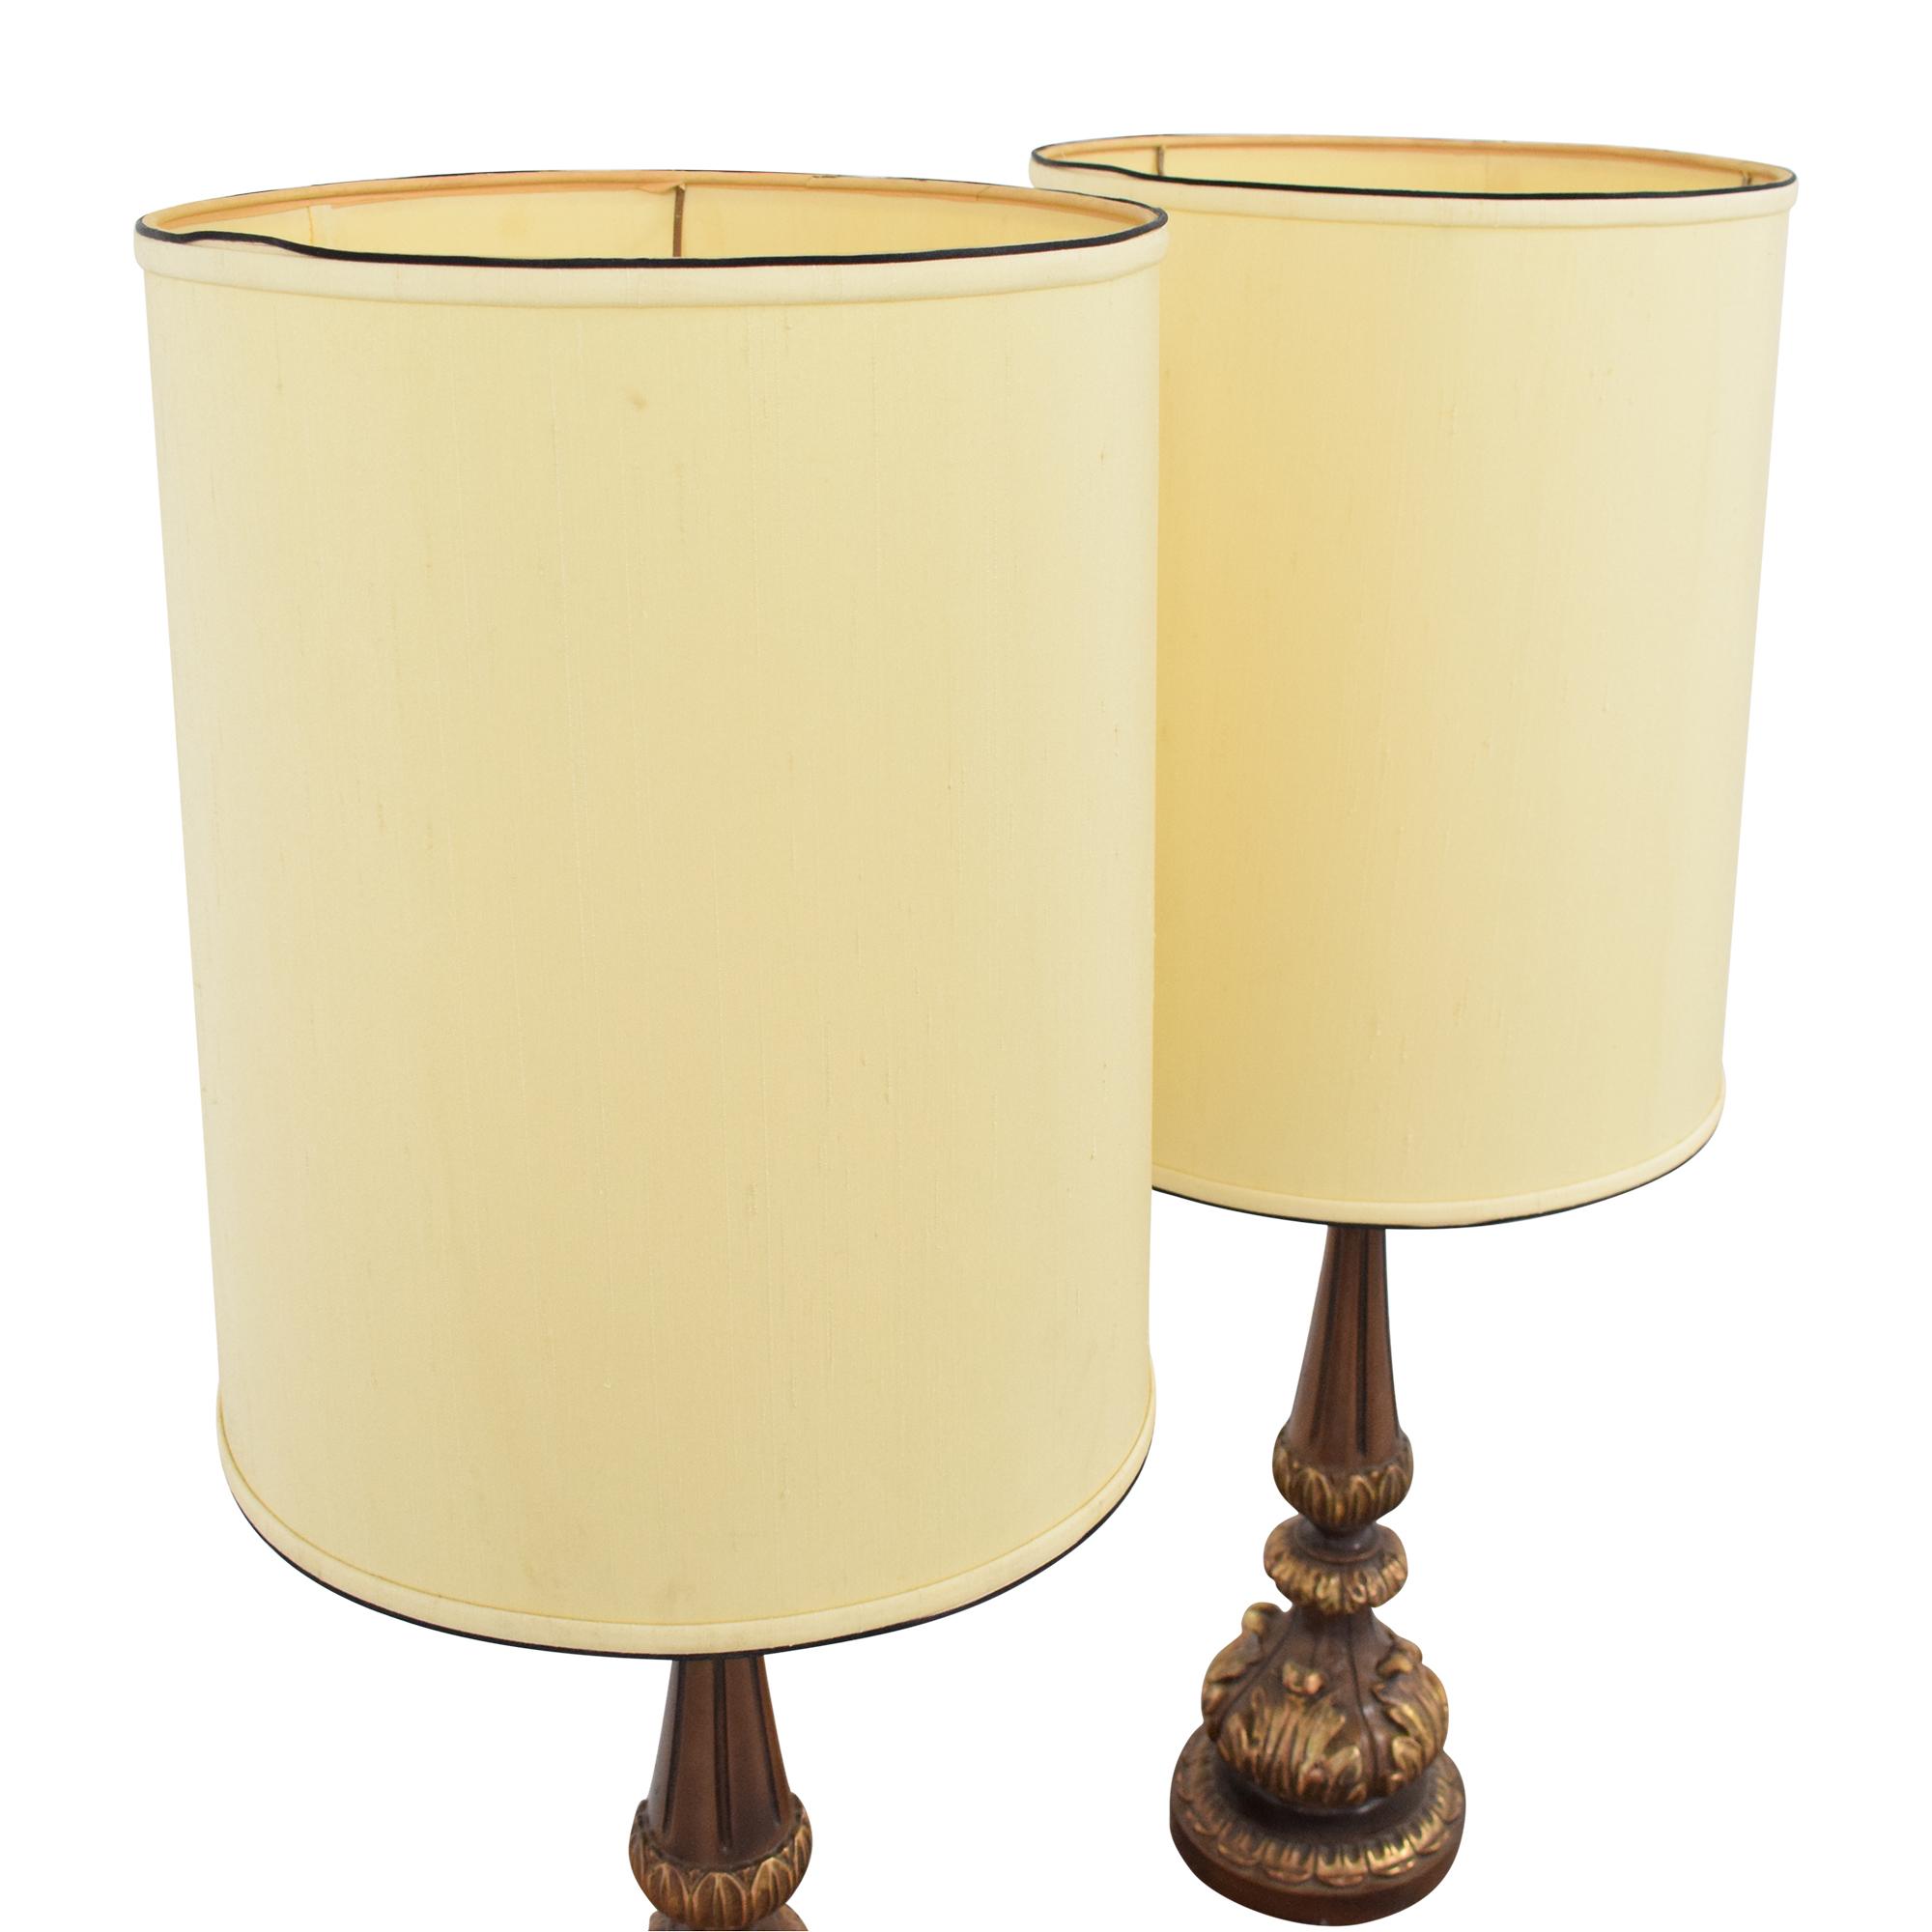 Tall Barrel Shaded Mid-Century Table Lamps nj